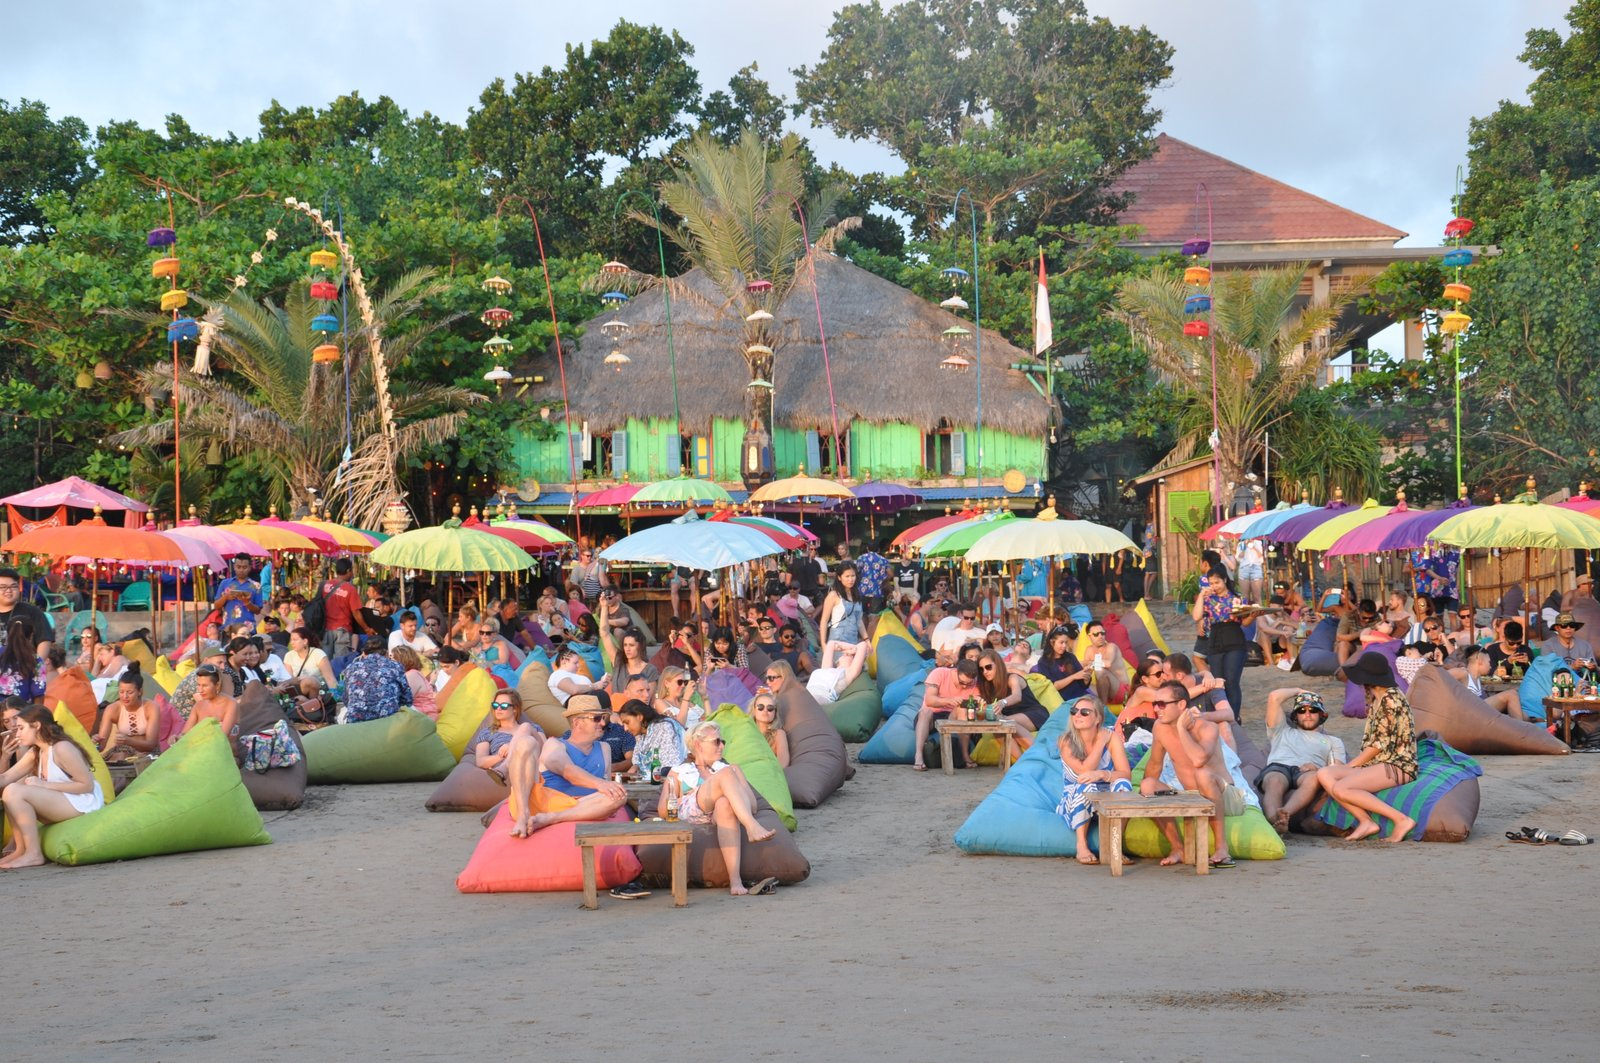 La Plancha en la playa de Seminyak en Bali